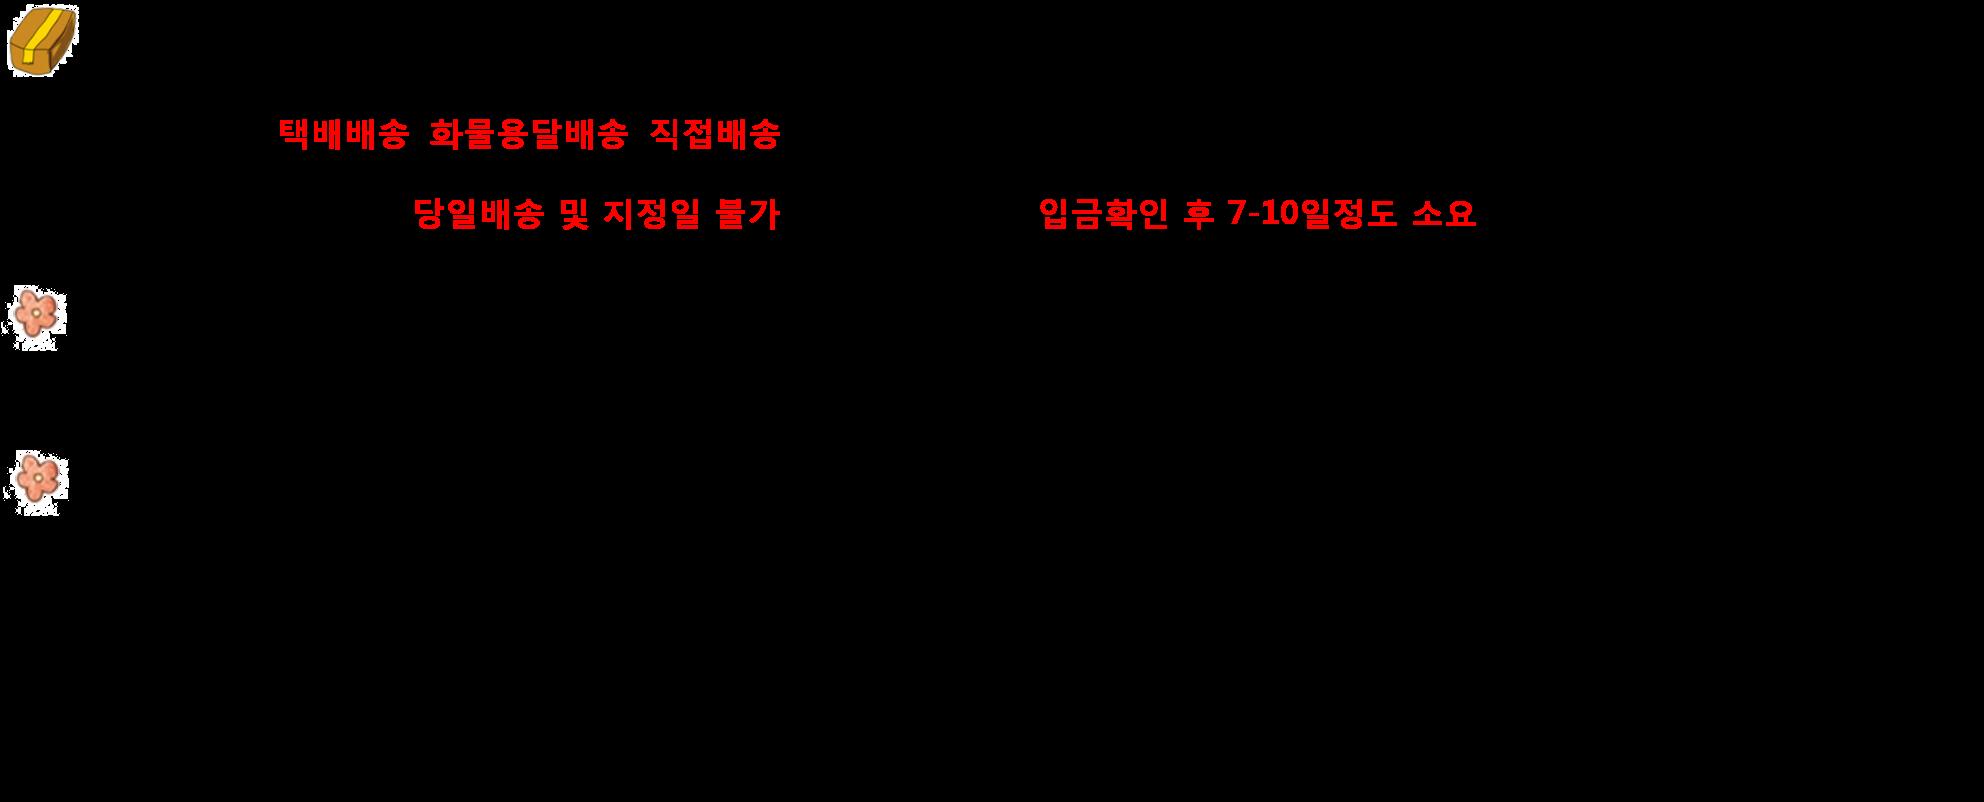 a5d110990e88e607f1c57ec236ab8f0c_1542088910_5234.png